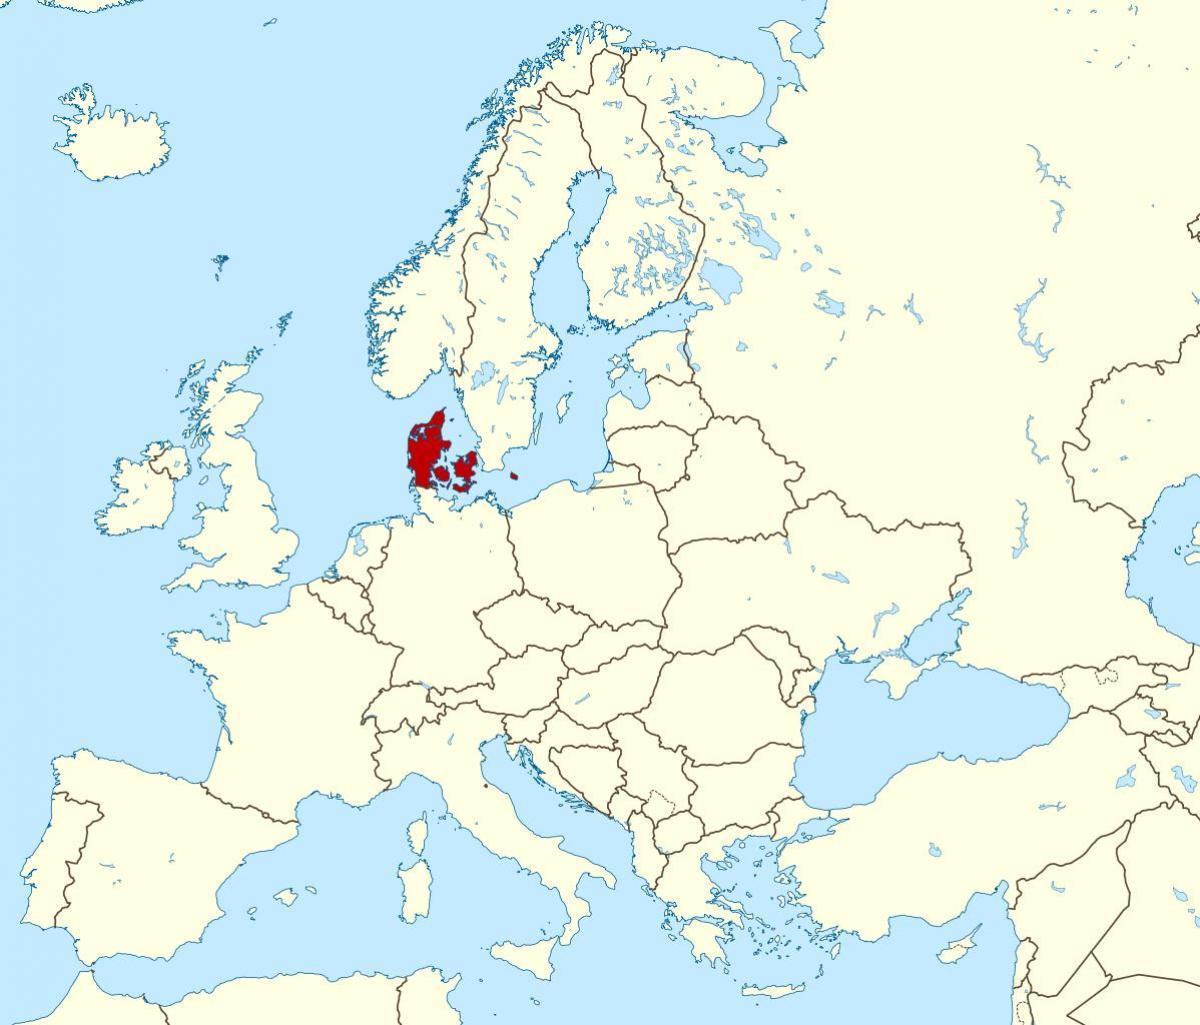 Danemarca Localizare Pe Harta Lumii Harta Danemarca Locație De